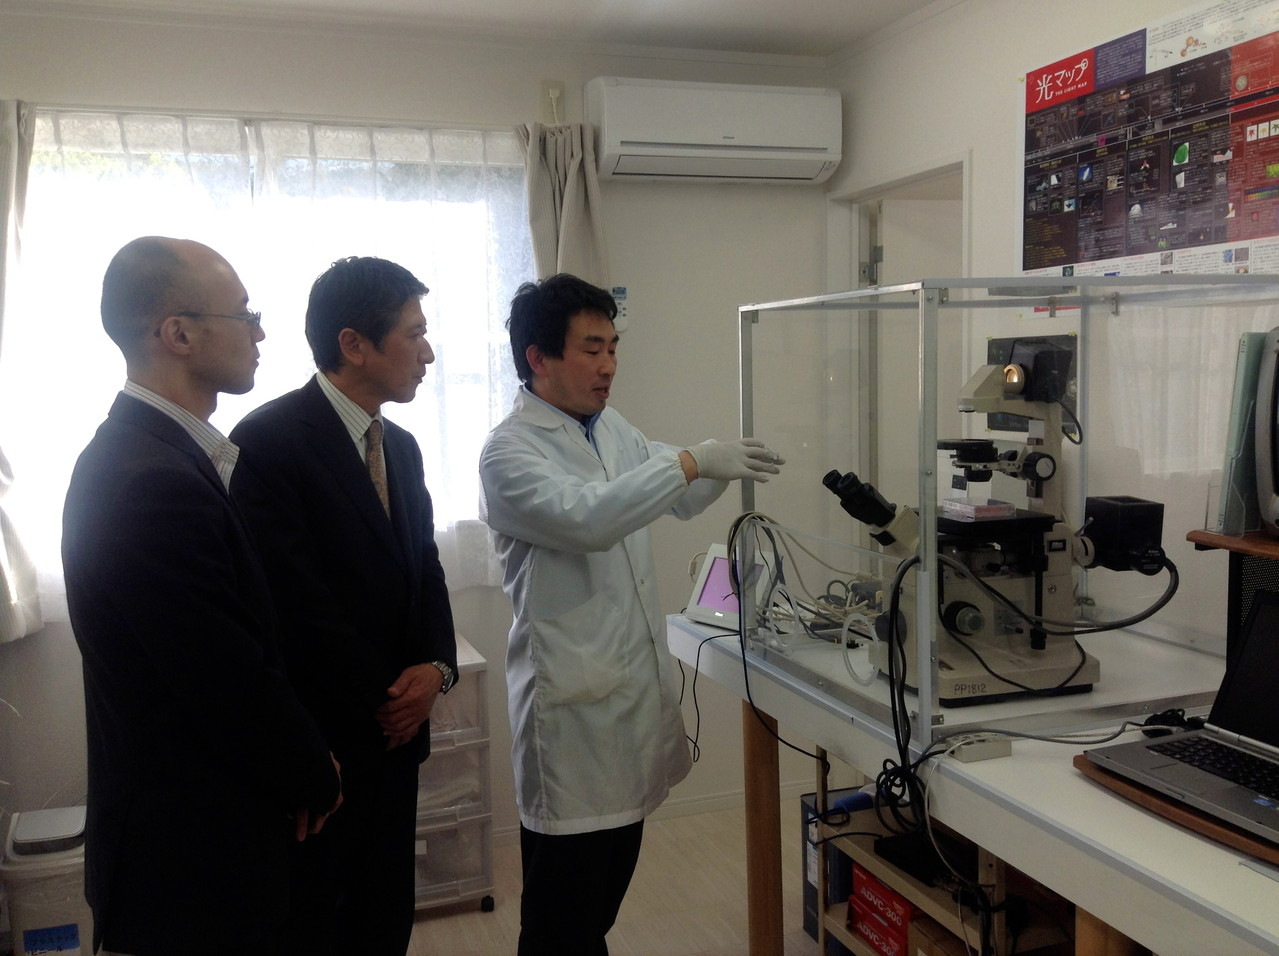 加世田博士(左)と松島博士(右)から細胞変化のデータについて説明を受ける